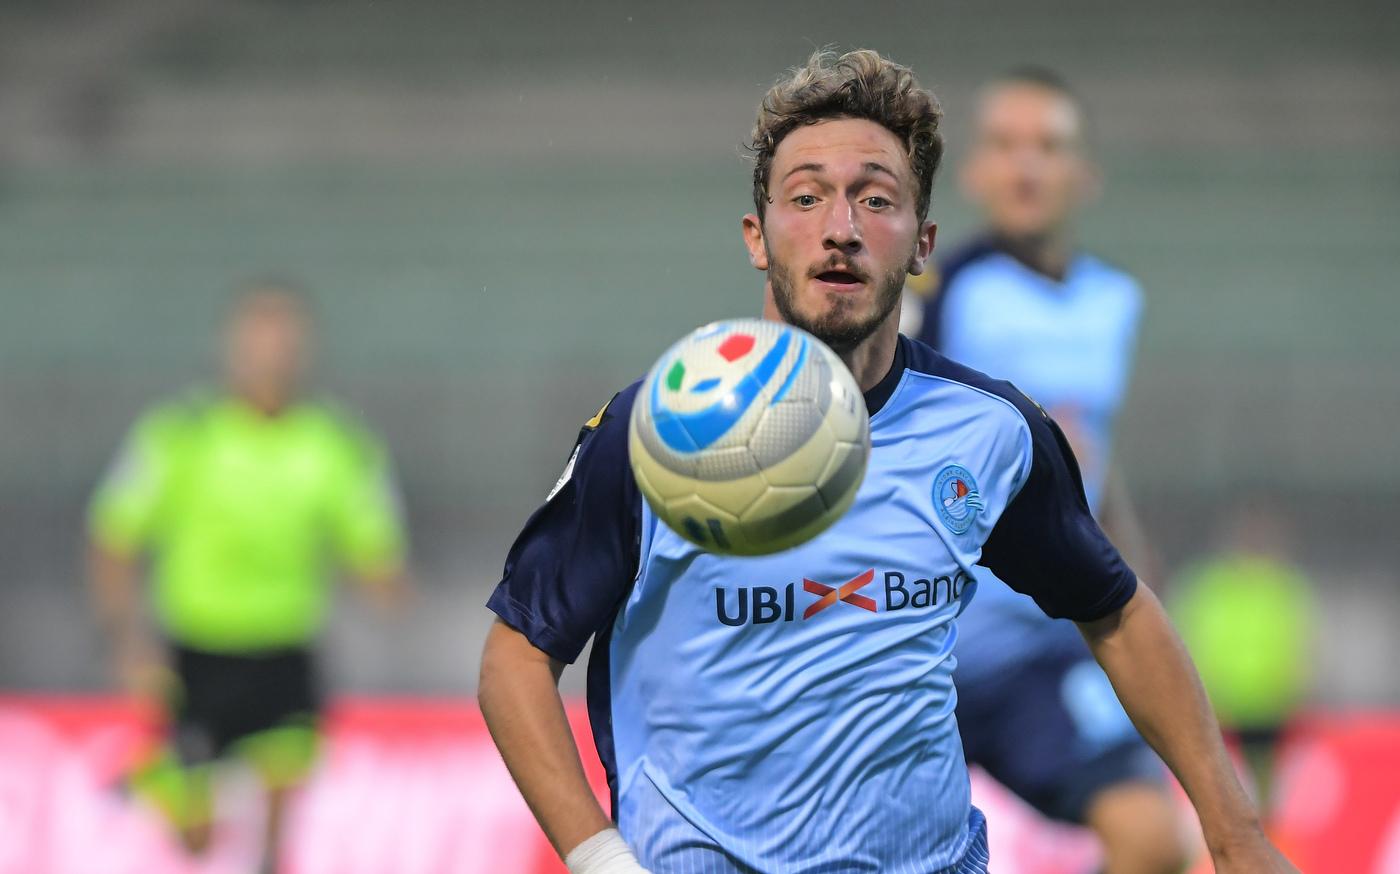 Pronostico Albinoleffe-Pistoiese 22 gennaio: le quote di Serie C